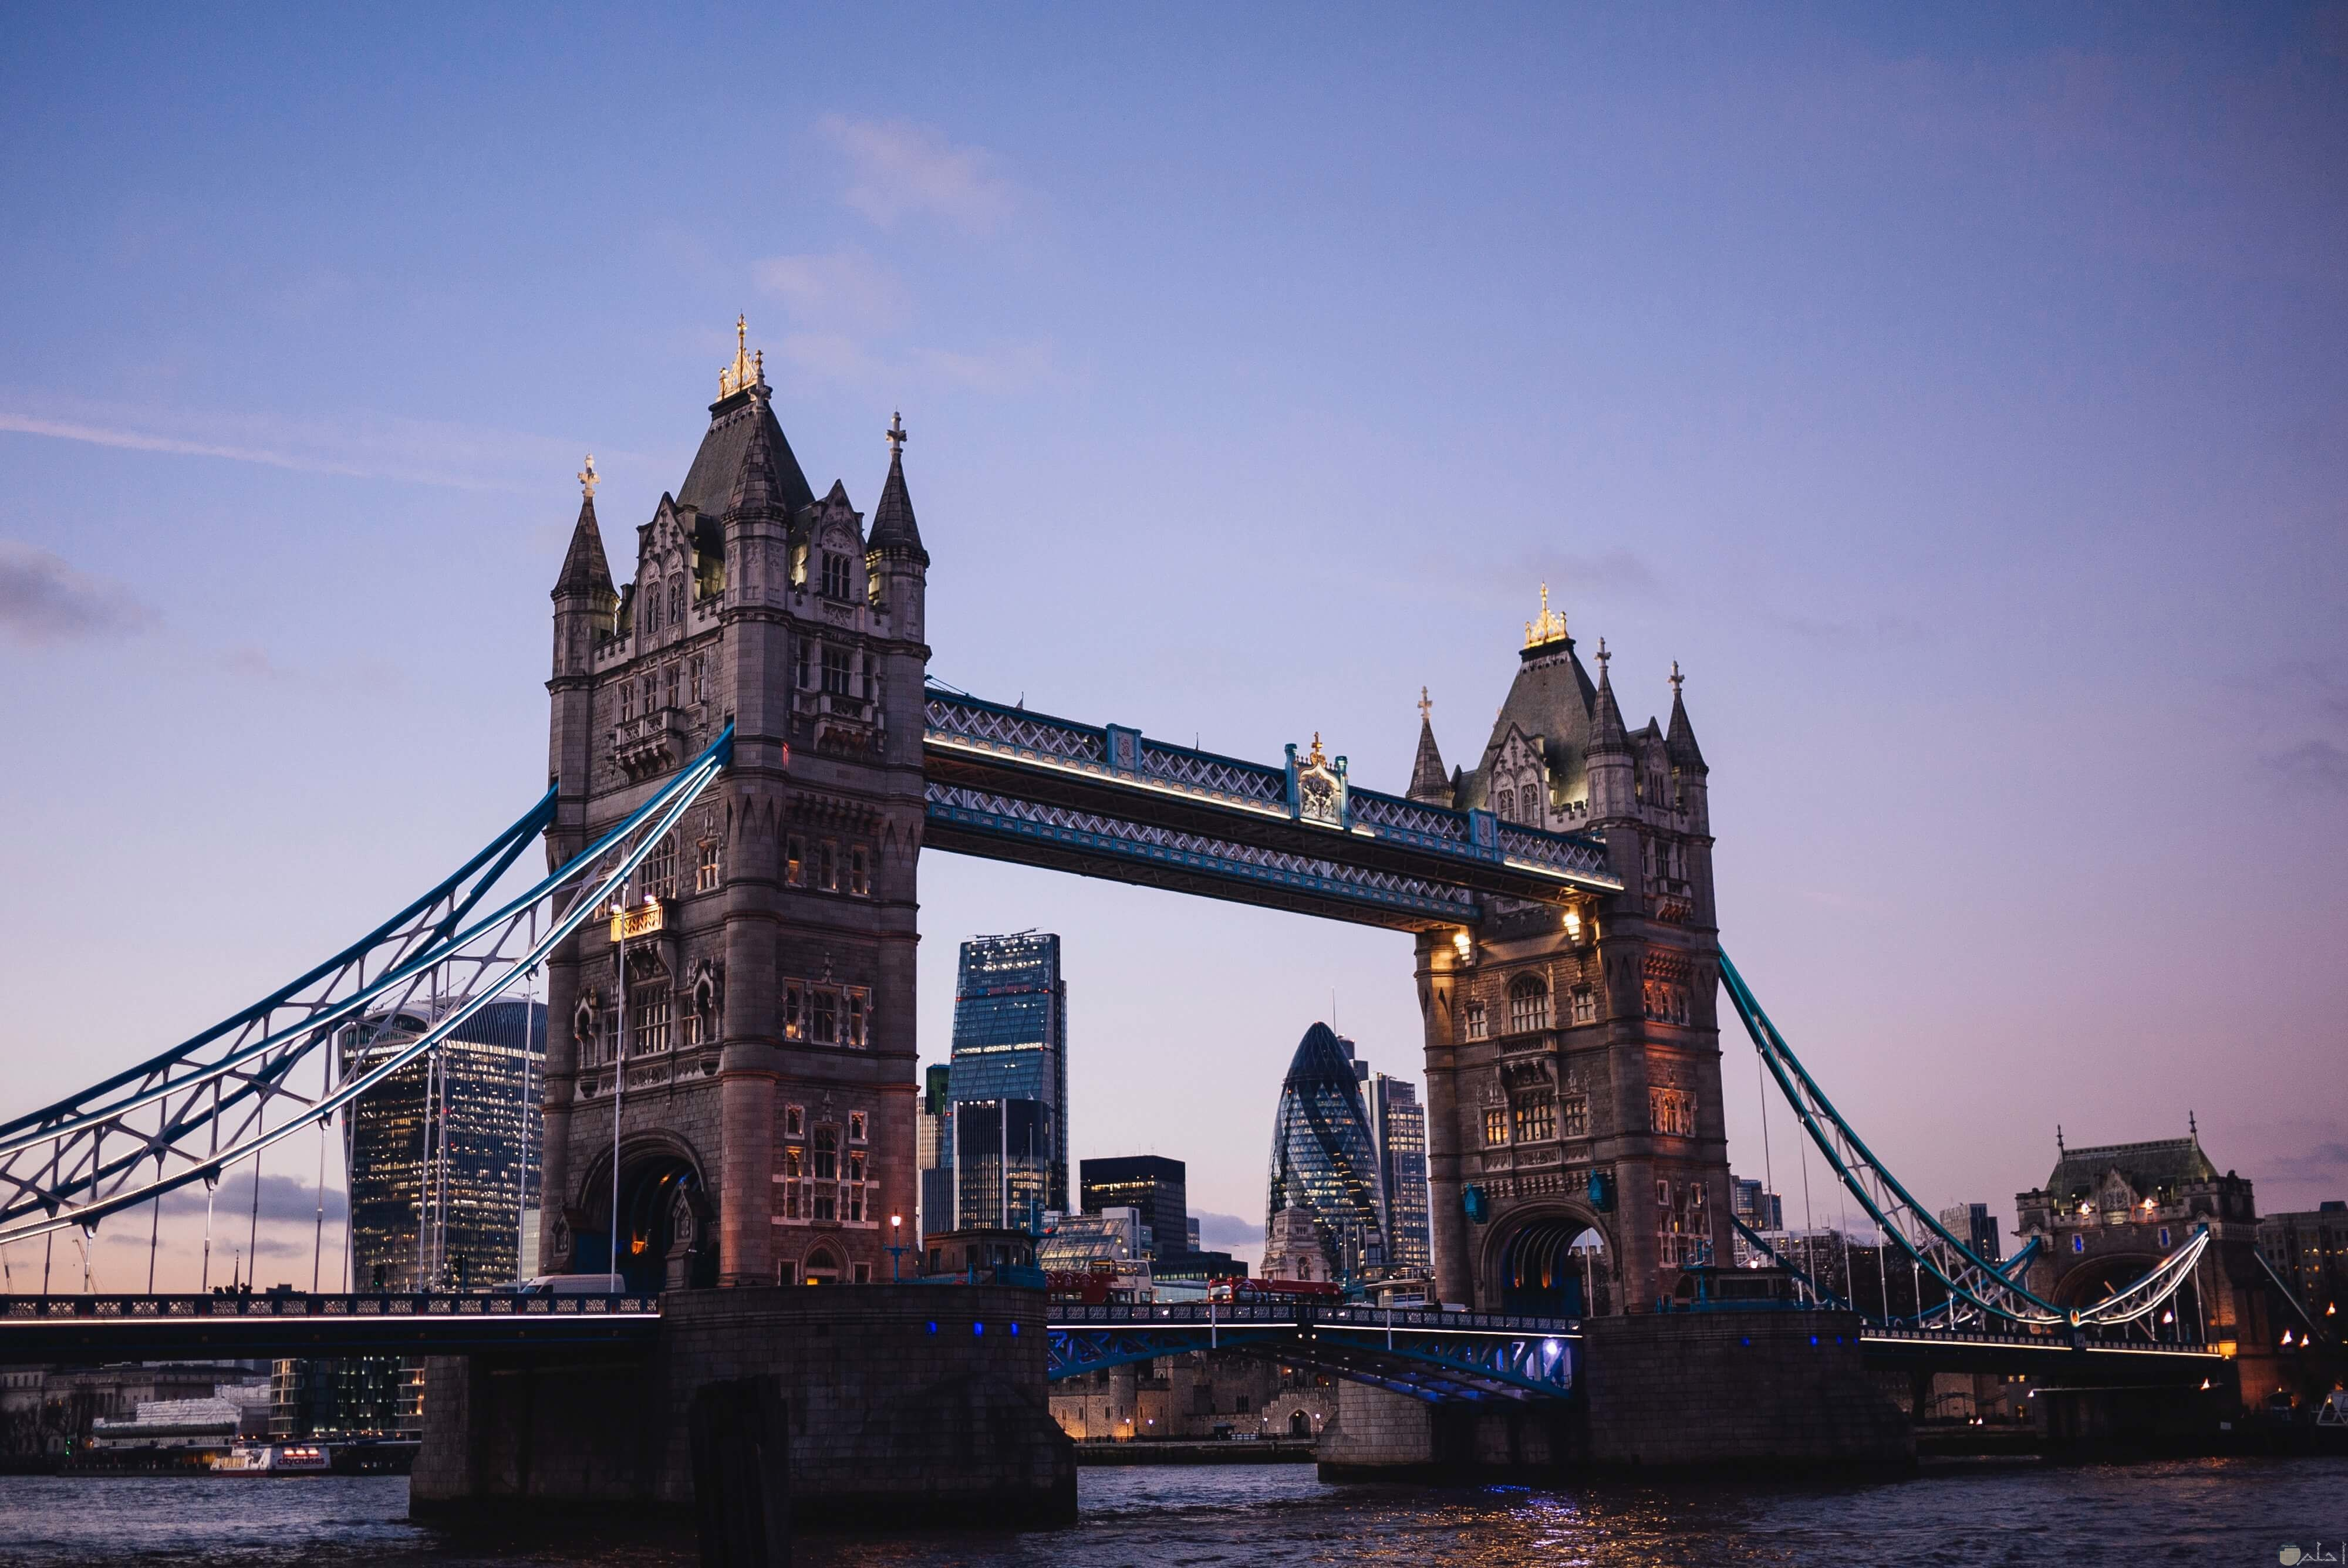 صورة جميلة لمعلم جسر البرج وقت المغرب في بريطانيا